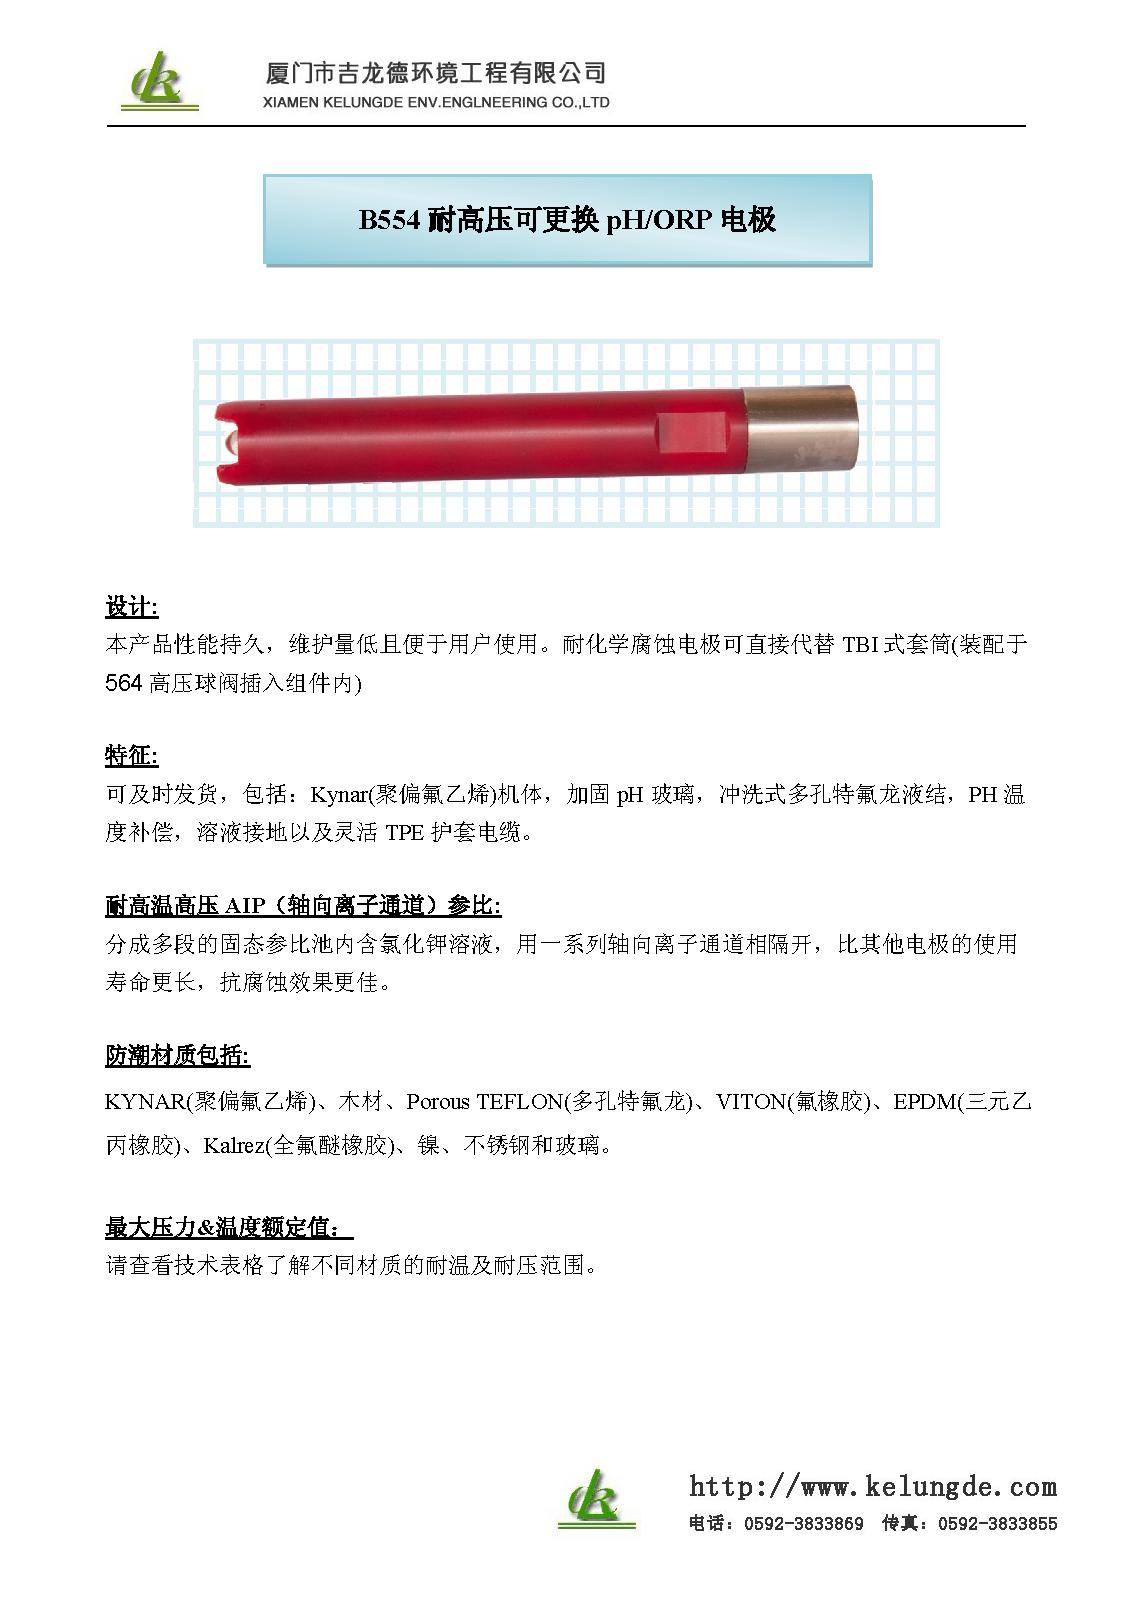 B554 耐高壓可更換pH/ORP 電極